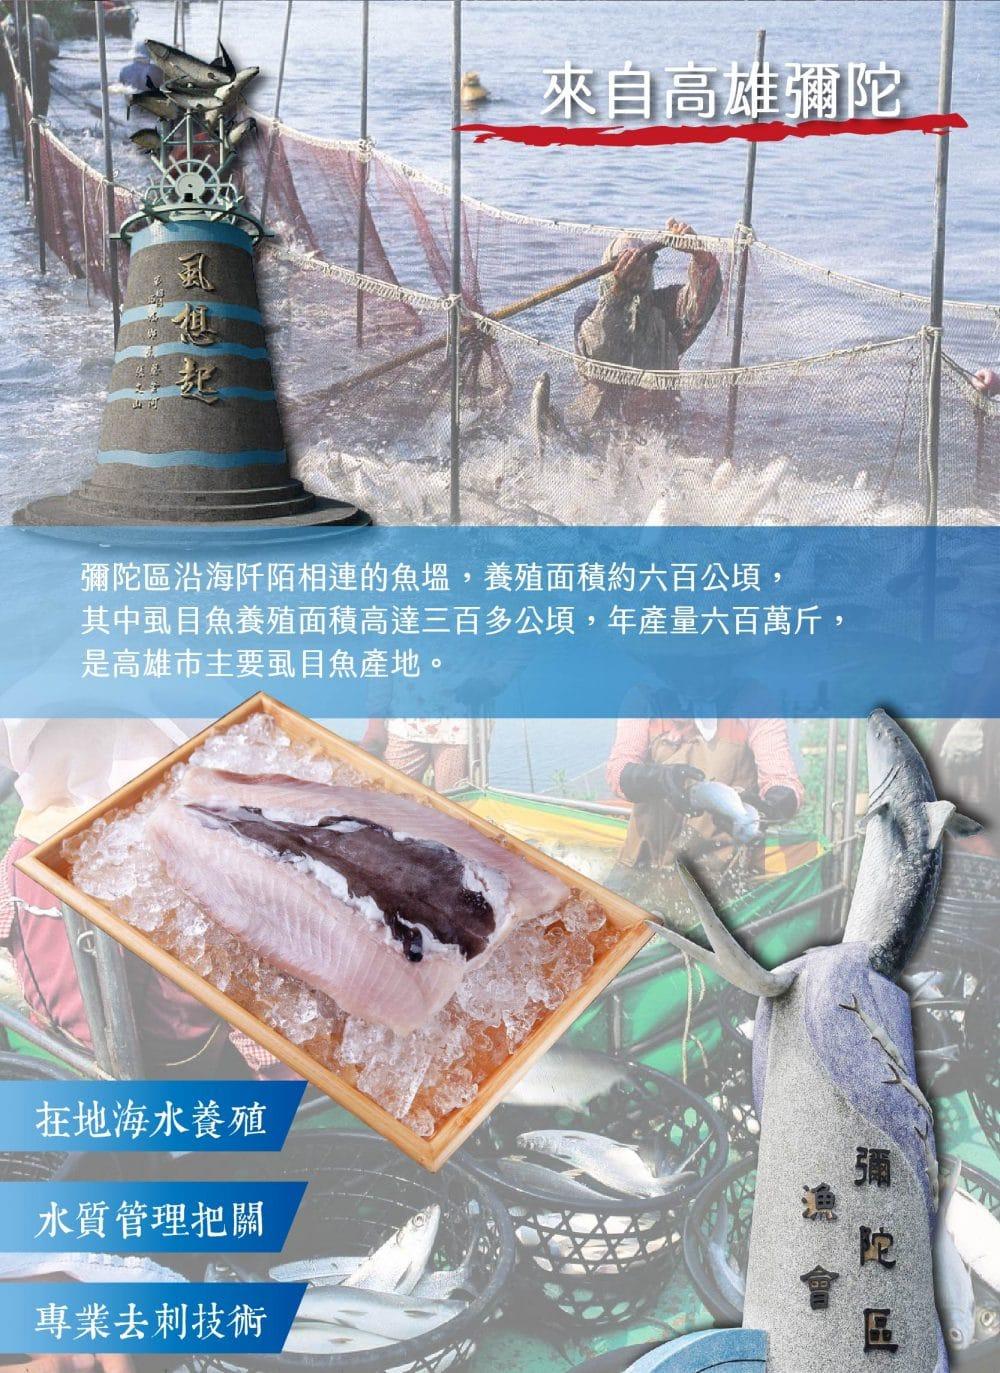 虱目魚肚詳情頁2